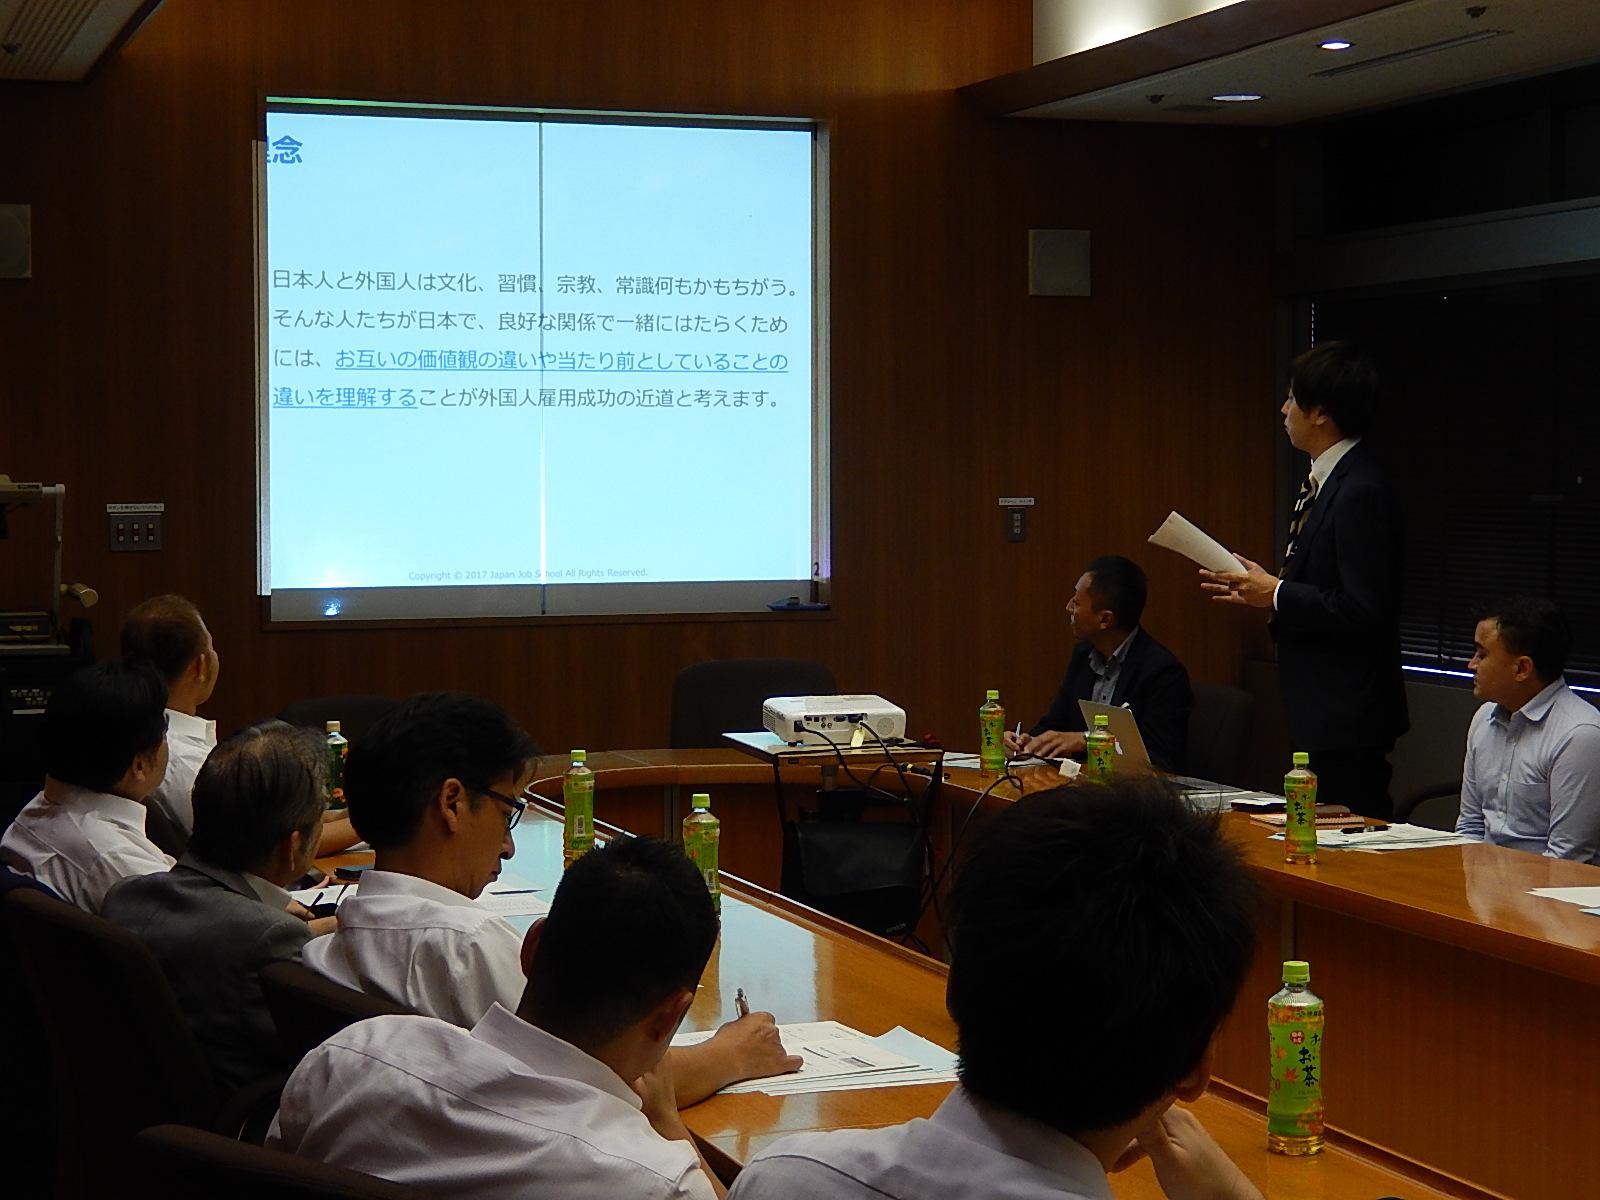 川崎市青年工業経営研究会で講演をさせていただきました!